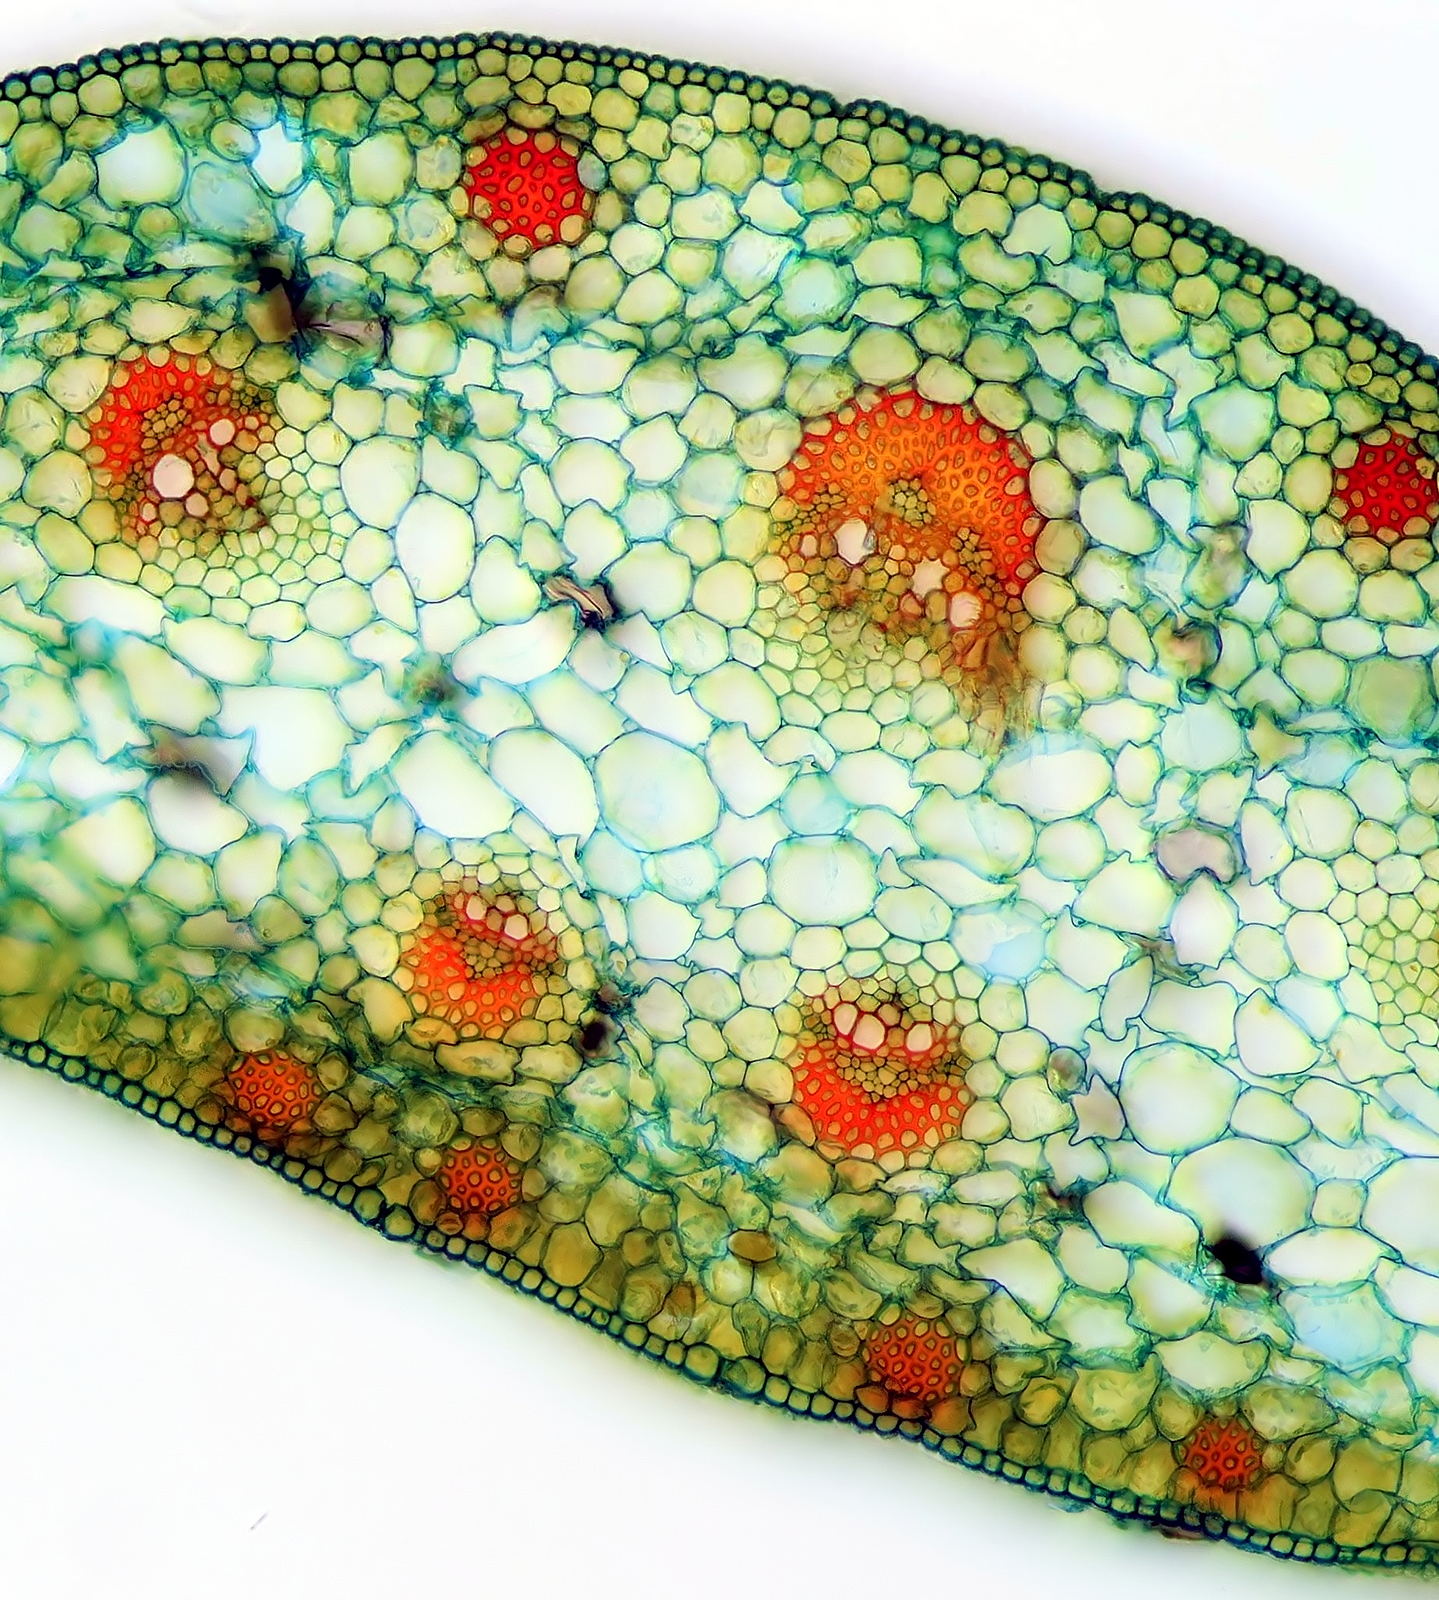 Mikrofotografia przedstawia fragment prekroju poprzecznego łodygi. Przypadkowo rozmieszczone wiązki przewodzące.